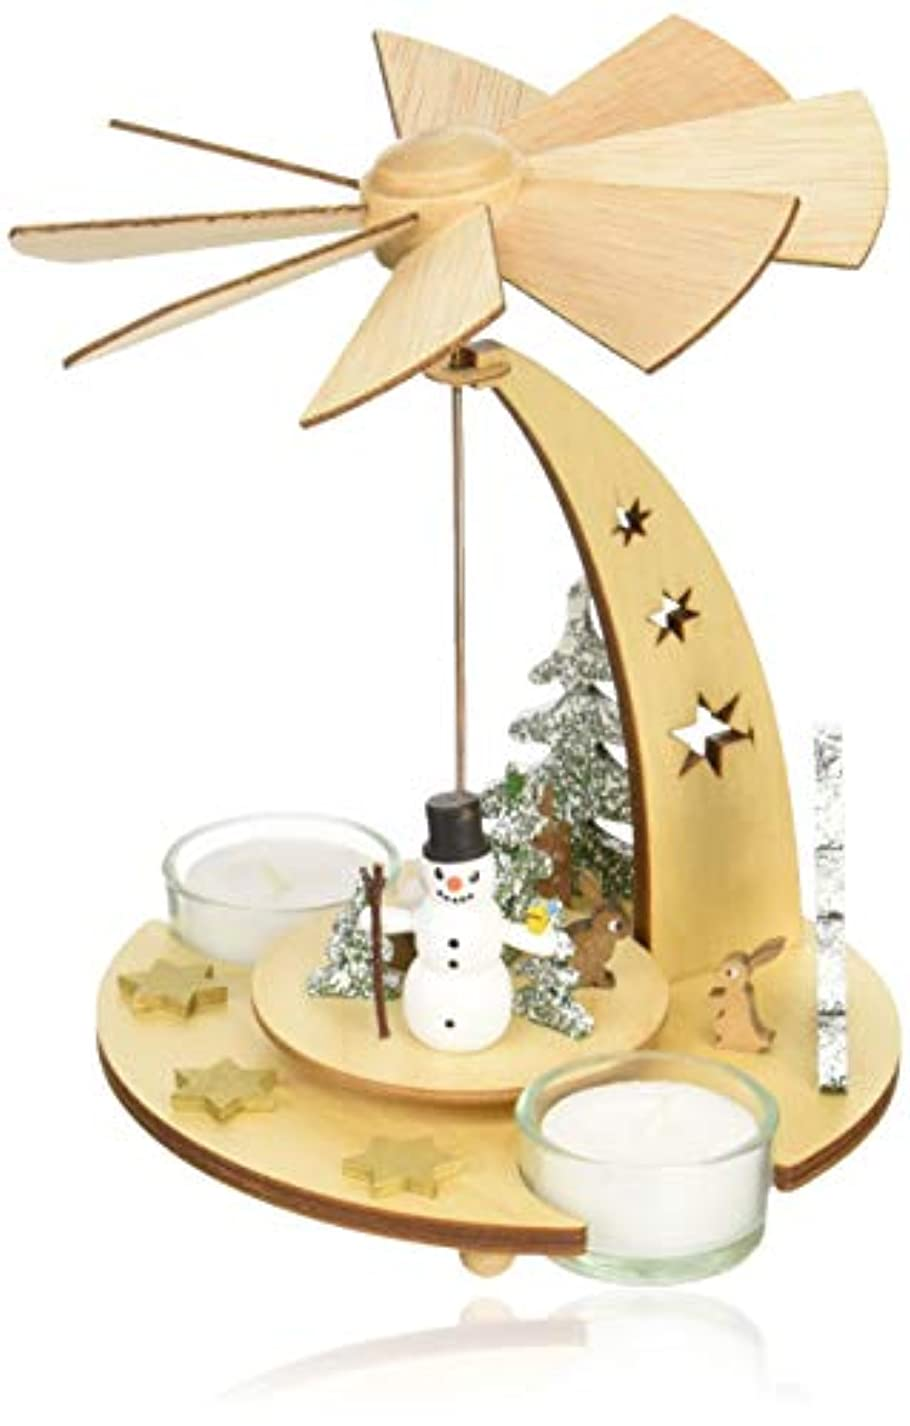 バンジージャンプギャロップ仮装kuhnert クリスマスピラミッド スノーマン